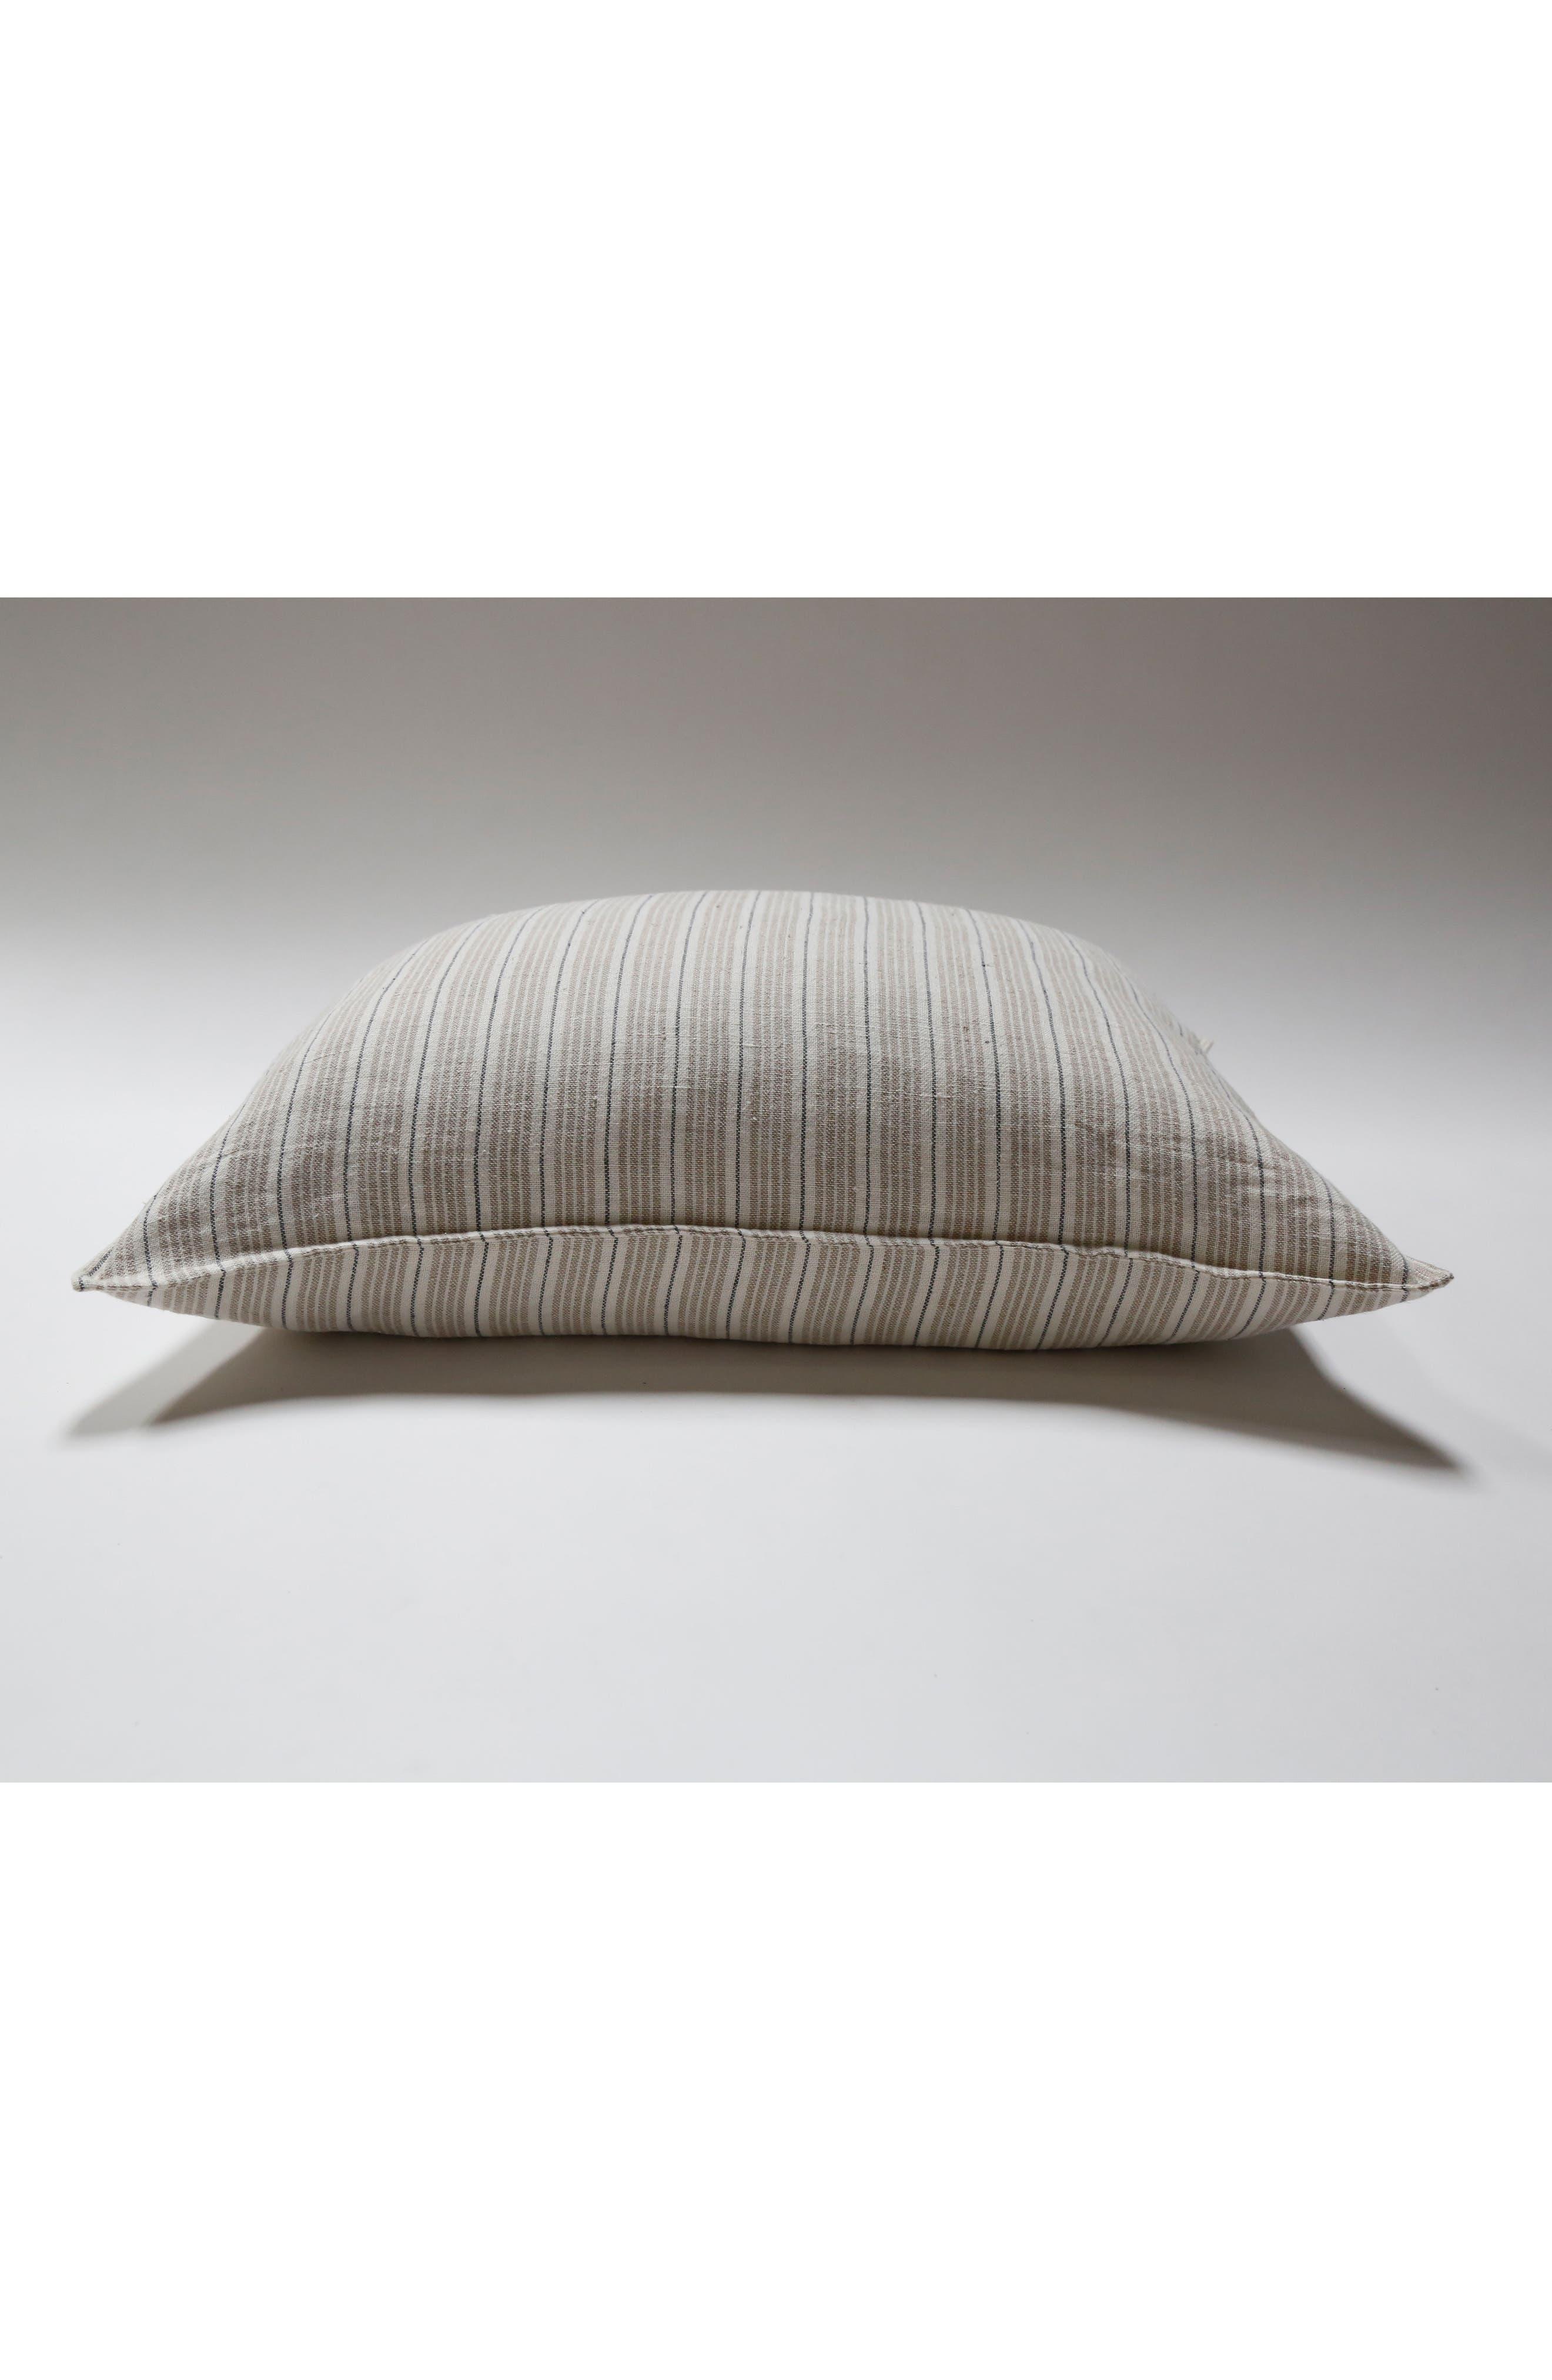 Newport Big Accent Pillow,                             Alternate thumbnail 2, color,                             NATURAL